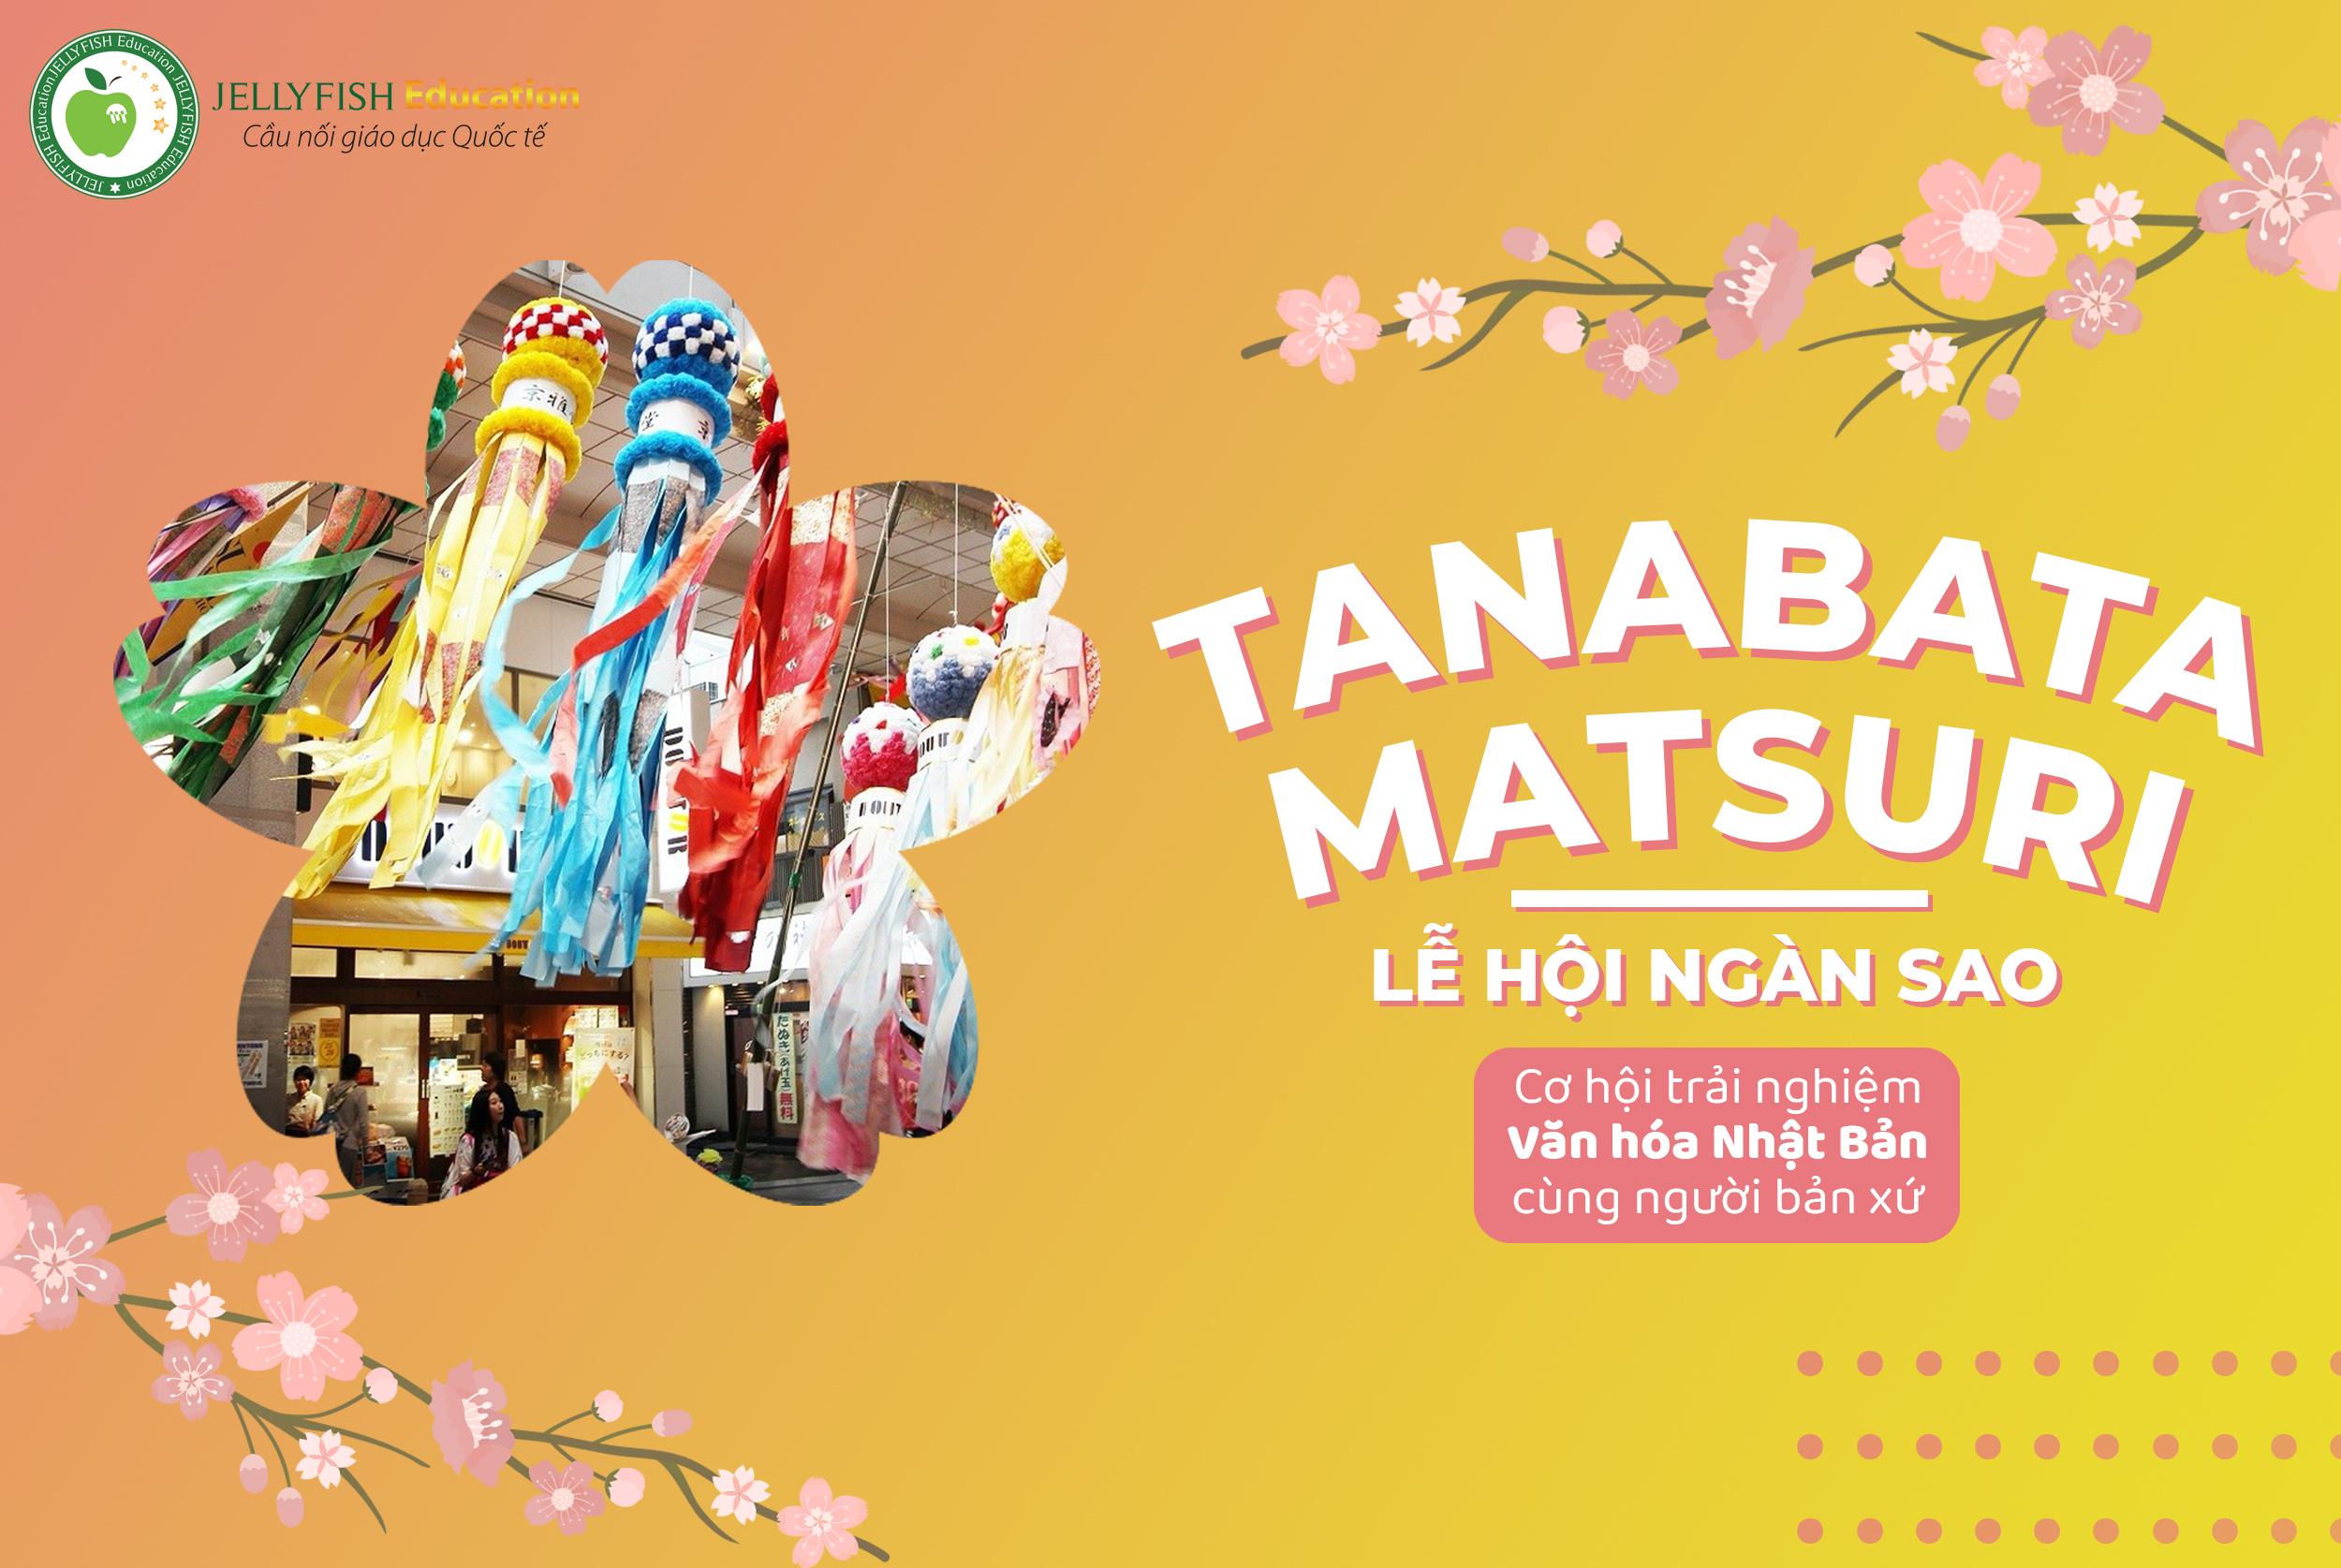 Lễ hội Tanabata